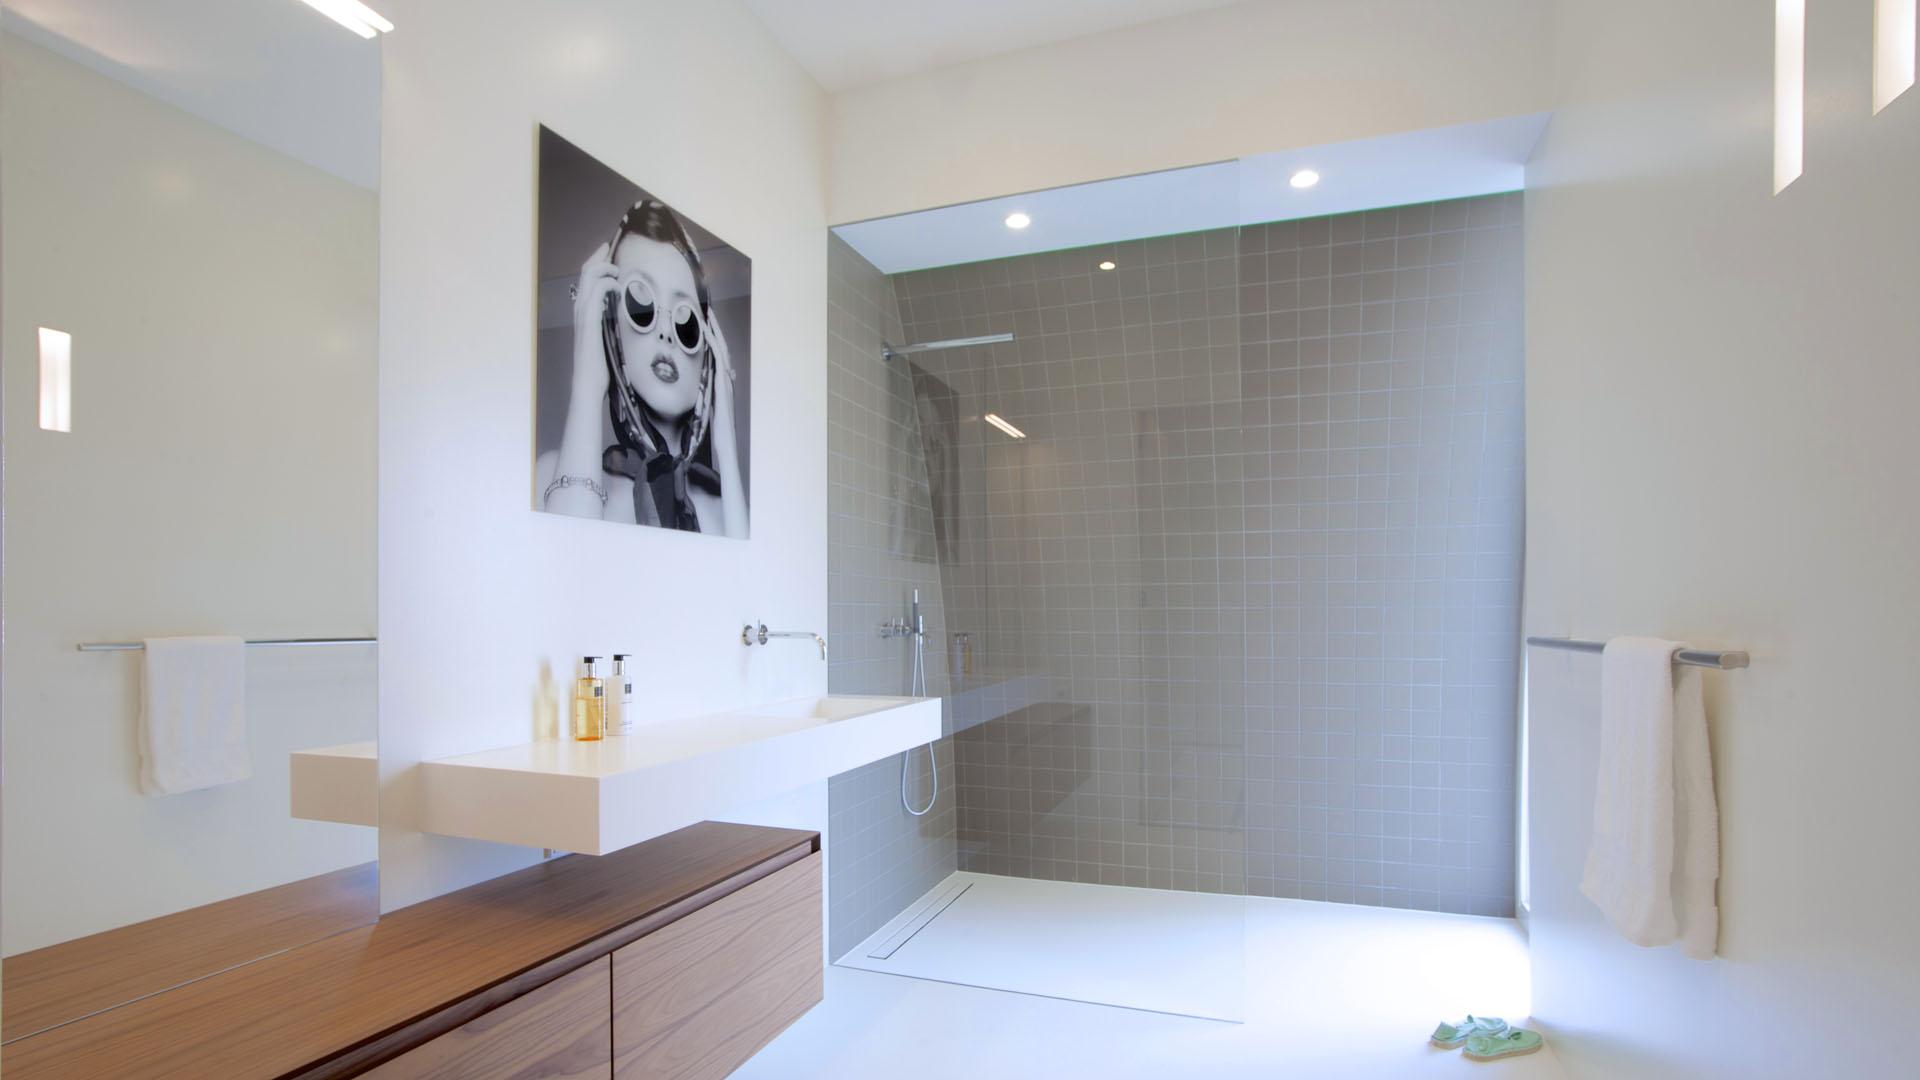 ... Slaapkamer met badkamer en inloopkast. Slaapkamer met douche en